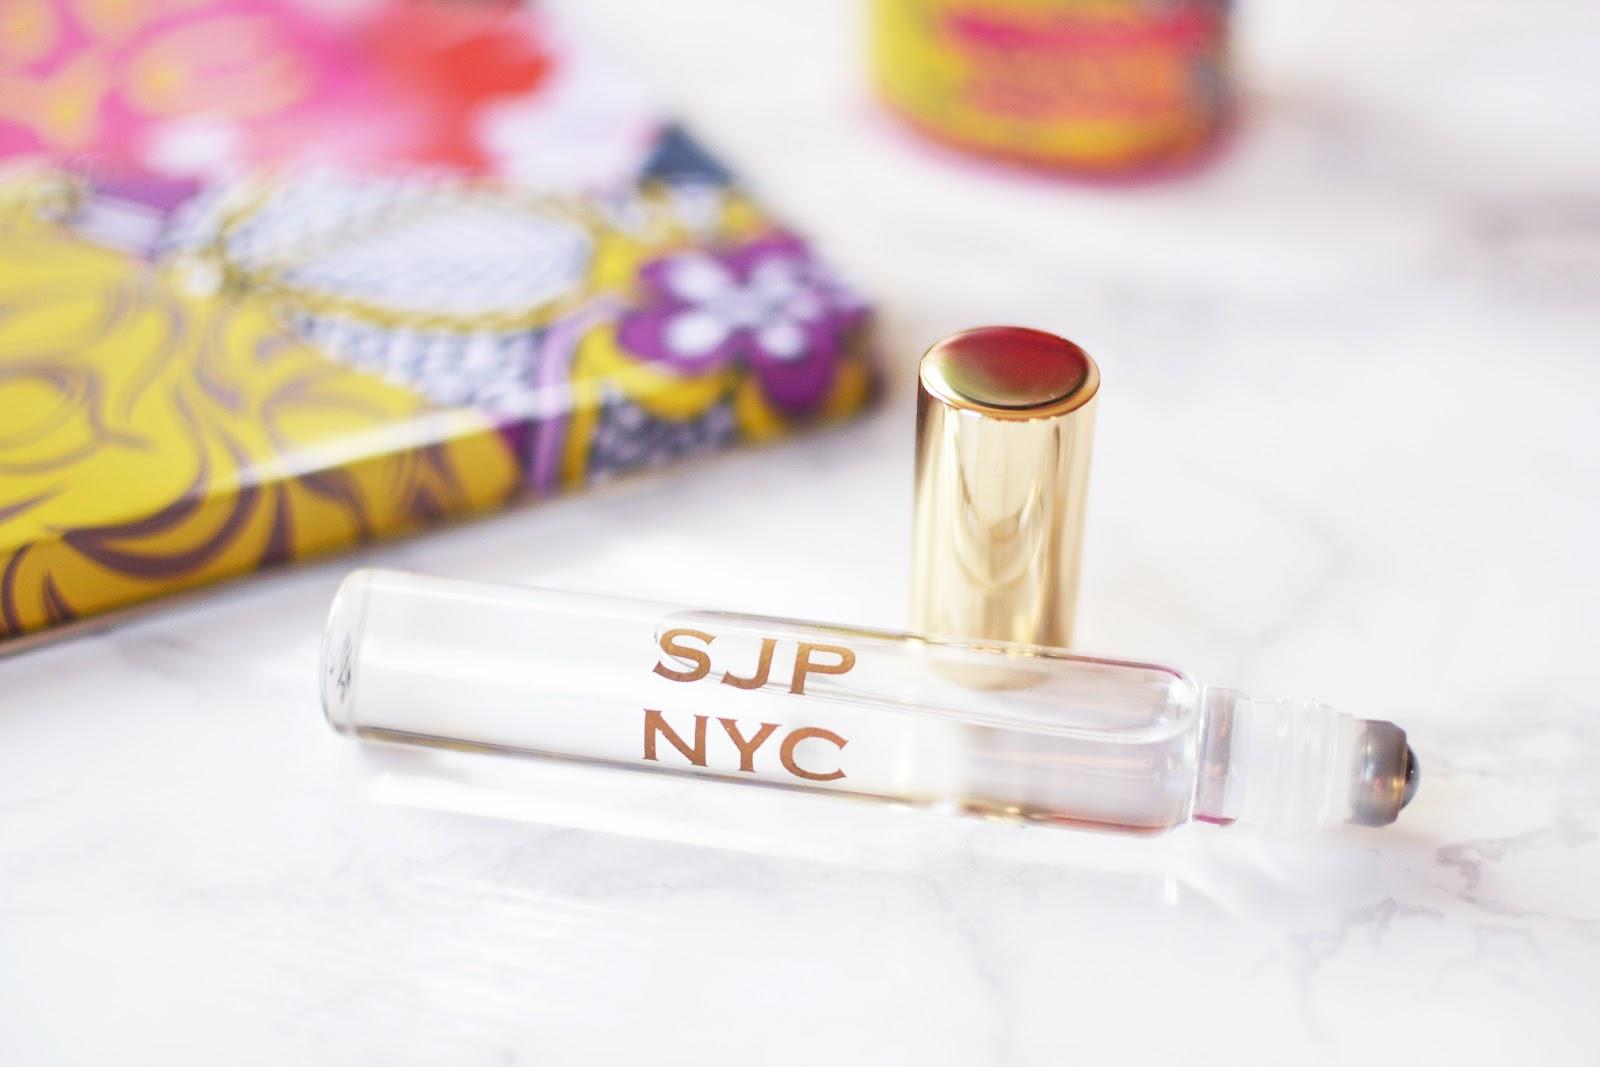 SJP NYC Perfume